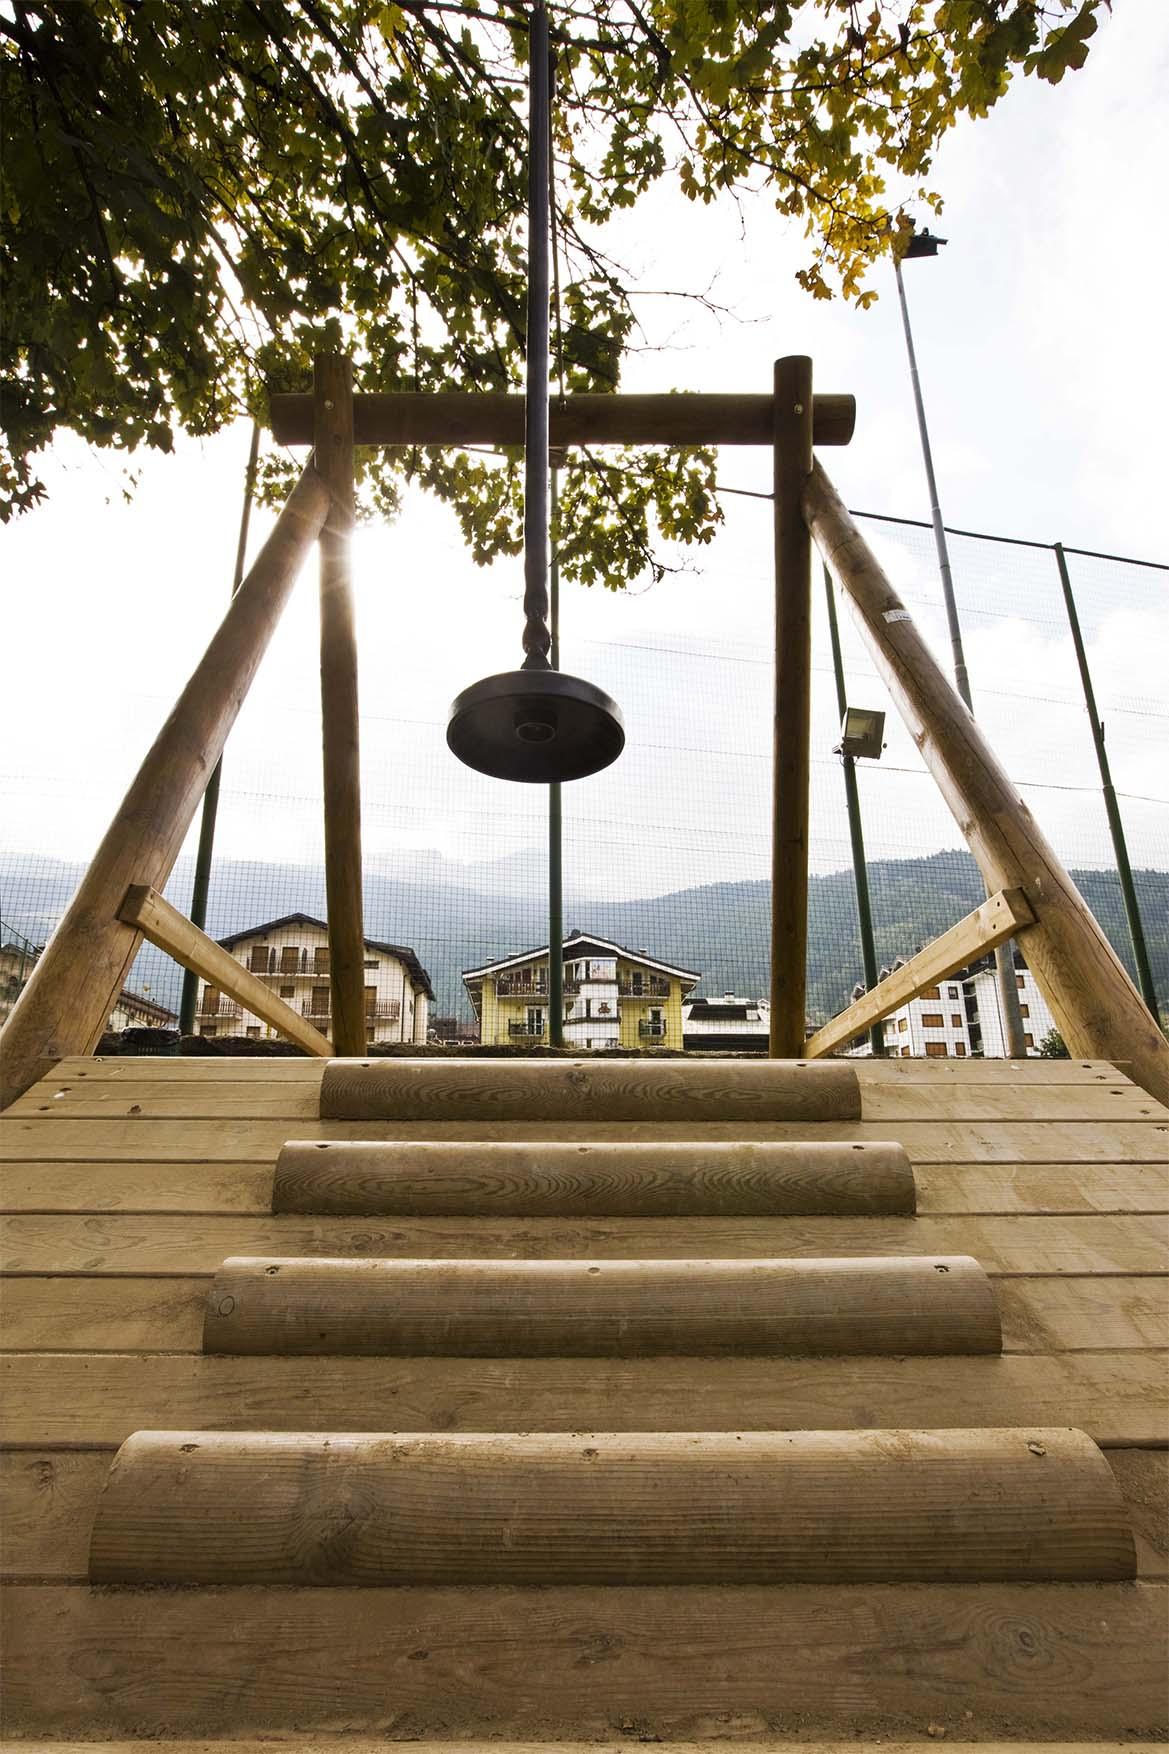 Teleferica gioco in legno di pino nordico impregnato in autoclave realizzato da Linea Montanalegno - ILT